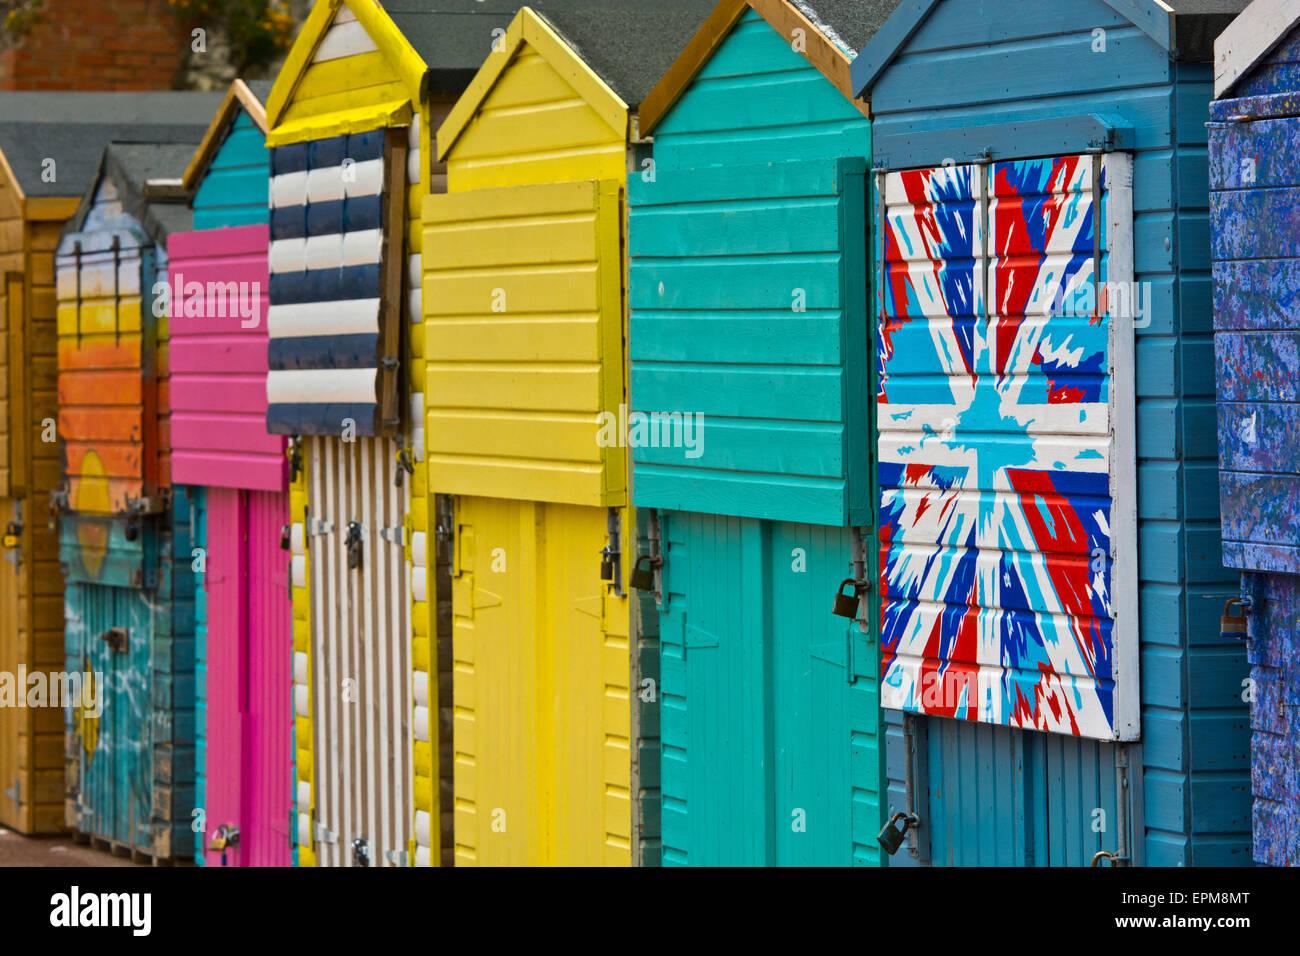 Union Jack Flag Painted On Stock Photos & Union Jack Flag Painted On ...